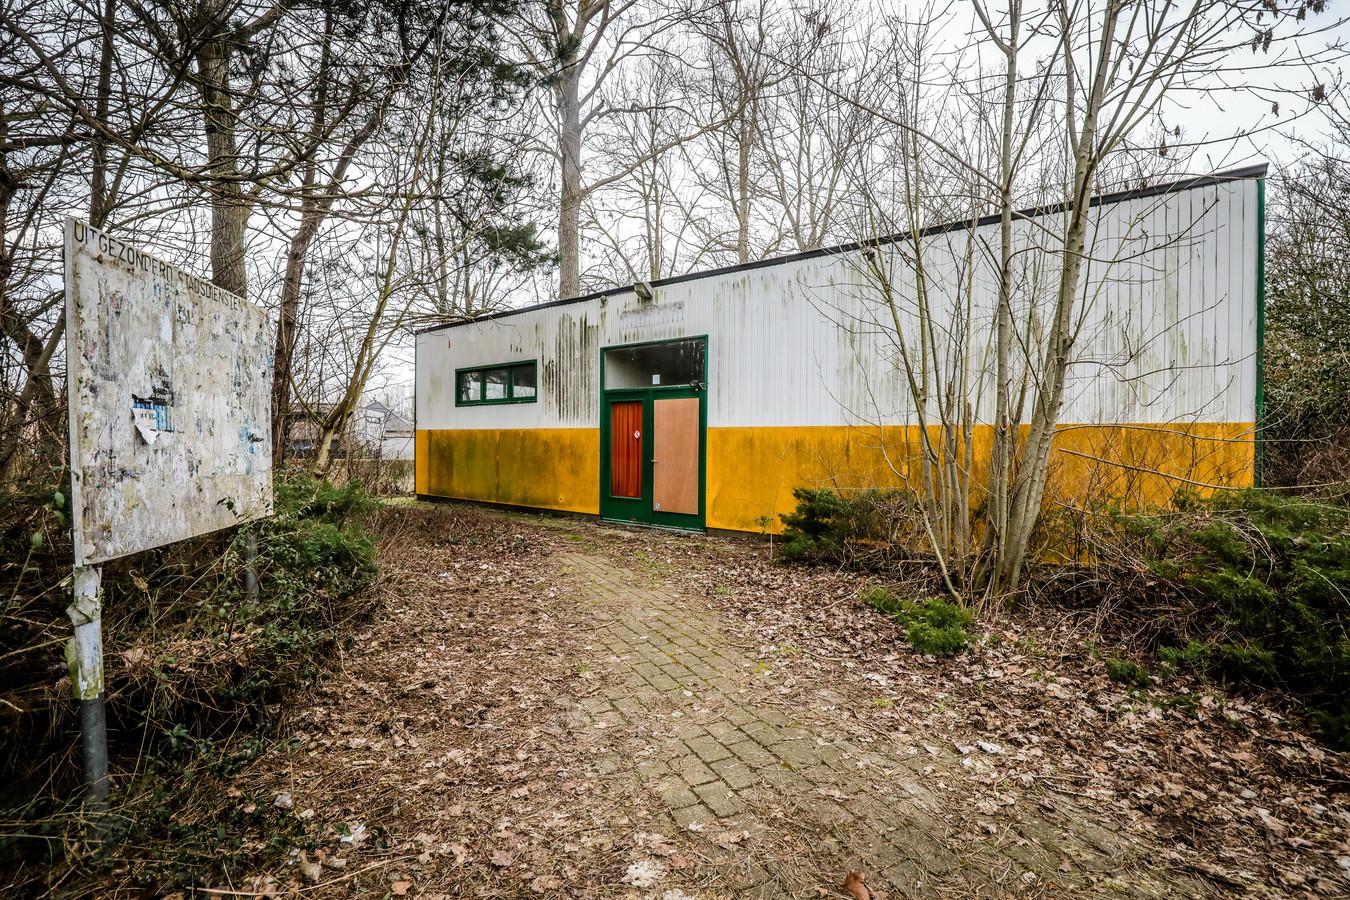 Het paviljoen waar vroeger talloze fuiven doorgingen in Nieuwpoort wordt gesloopt. Daar komen padelvelden.